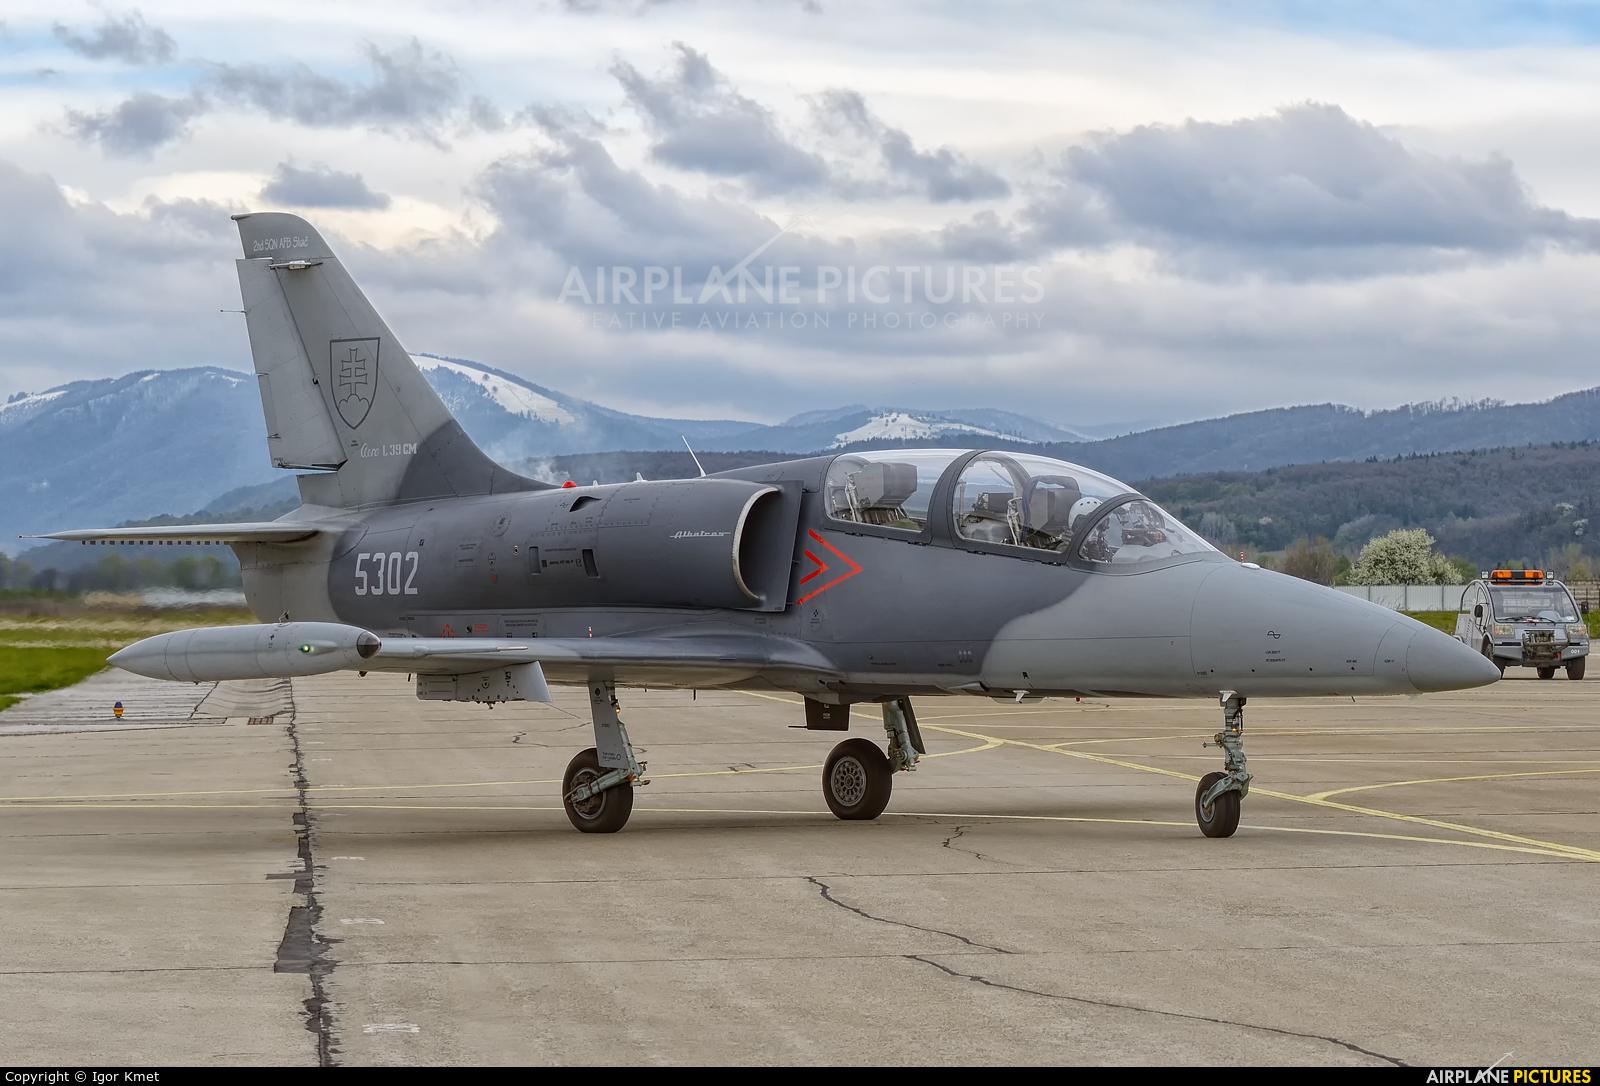 Slovakia -  Air Force 5302 aircraft at Sliač